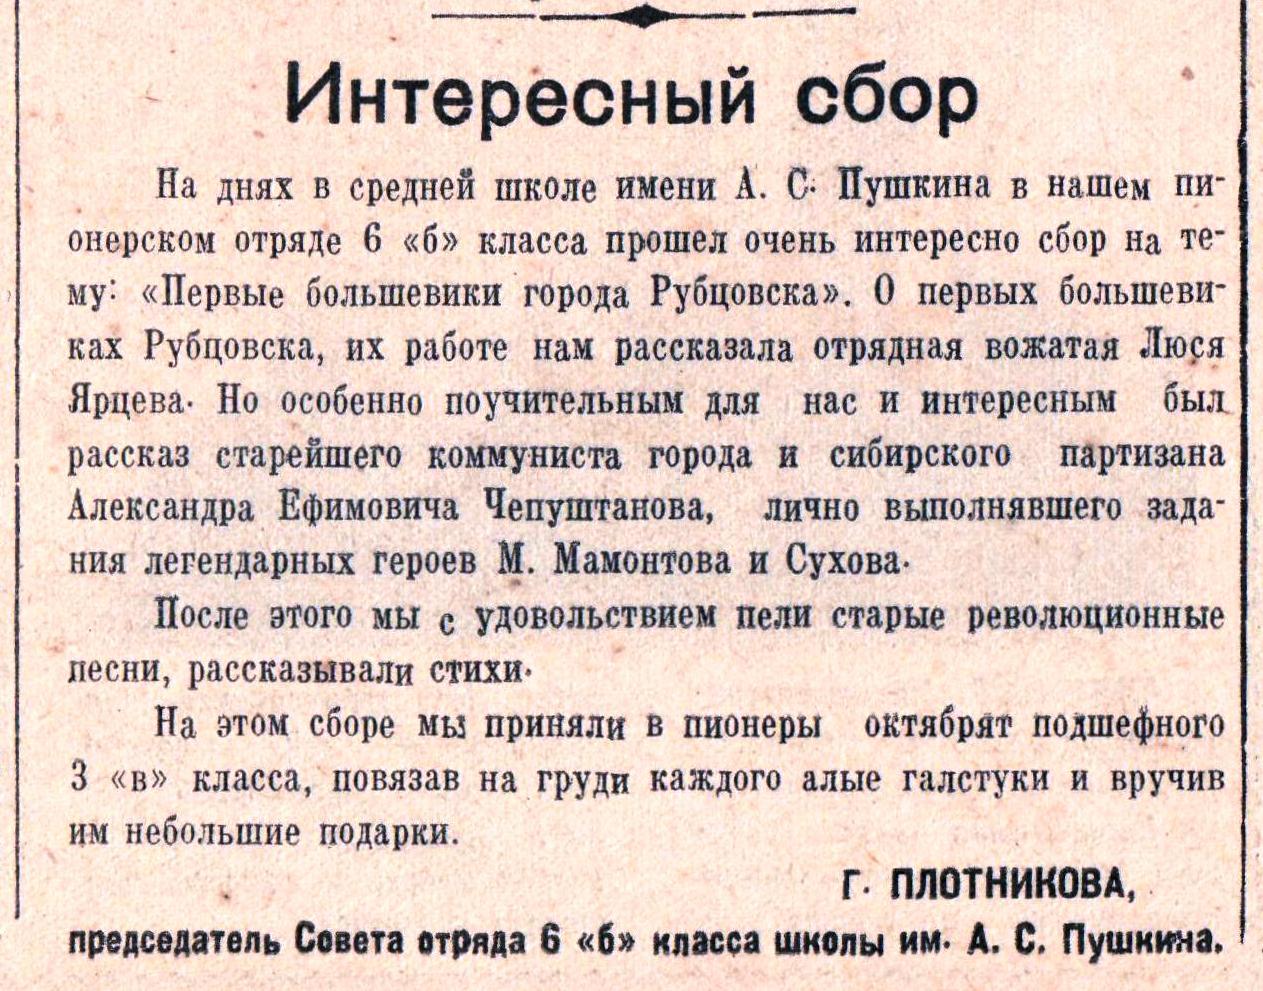 На сайте Центральной библиотеки Рубцовска открыта рубрика «Исторический календарь. По страницам старых газет».